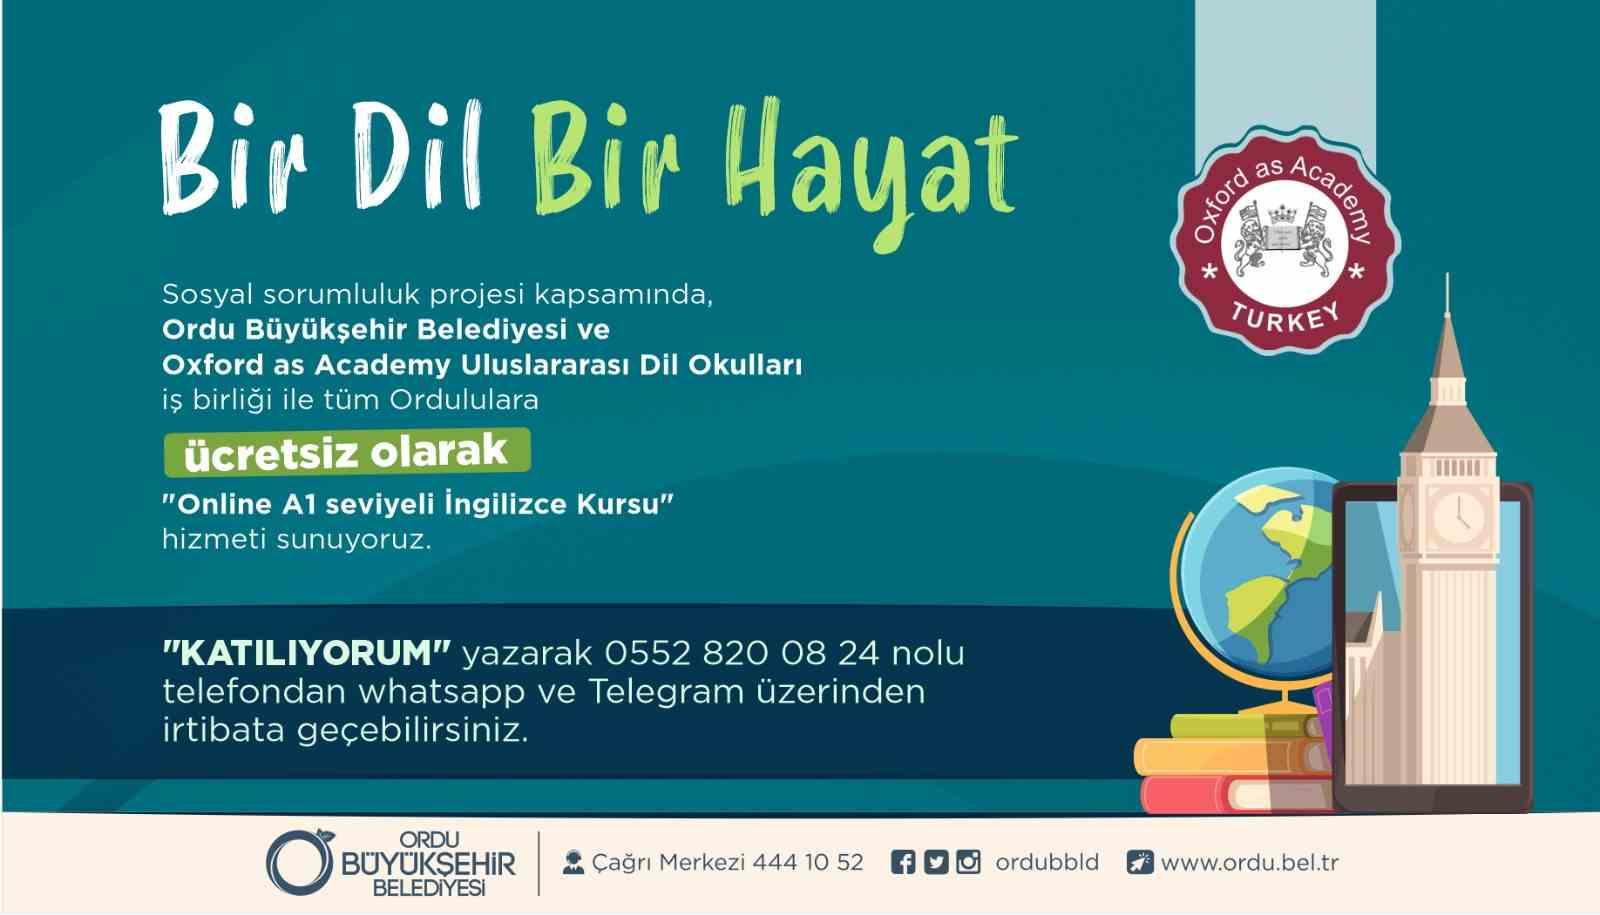 OXFORD İNGİLİZCE KURSU İÇİN SON FIRSAT!